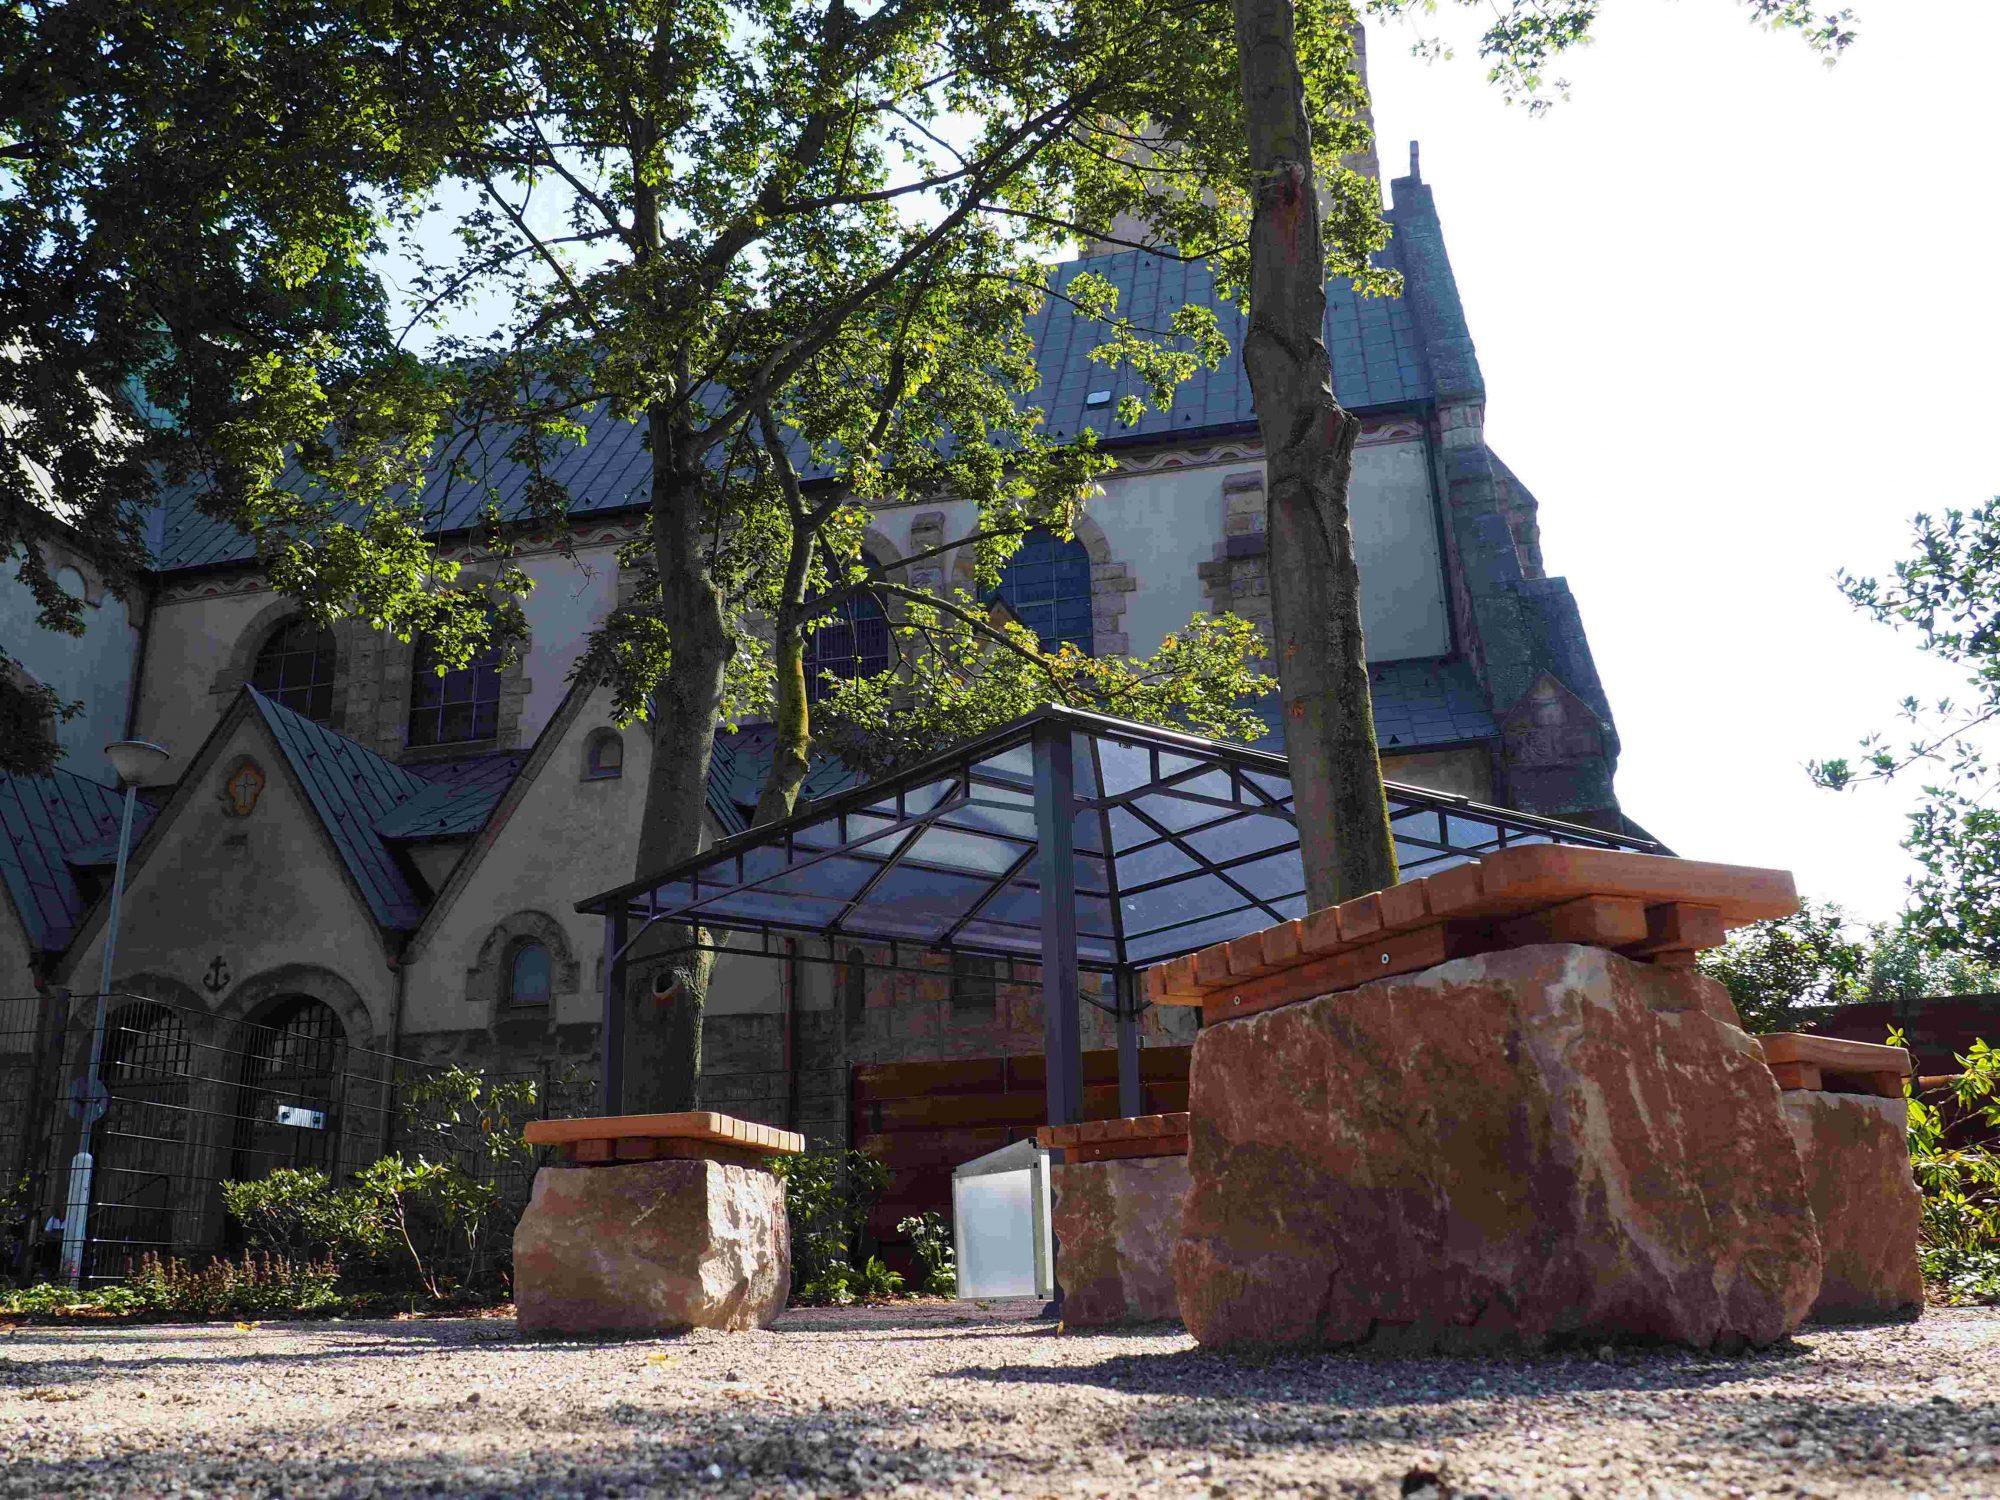 Aufnahme des Pavillons des Hochfelder Hofgartens. Im Hintergrund ist eine Kirche zu sehen.